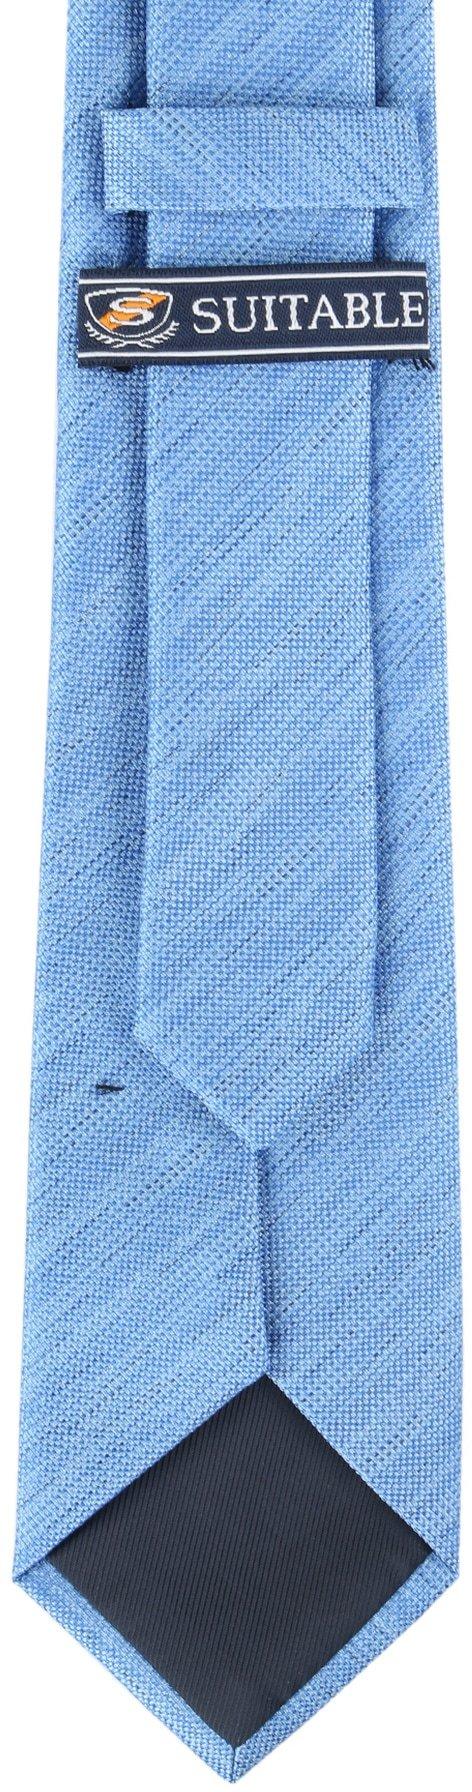 Krawatte Seide Hellblau 9-17 foto 3